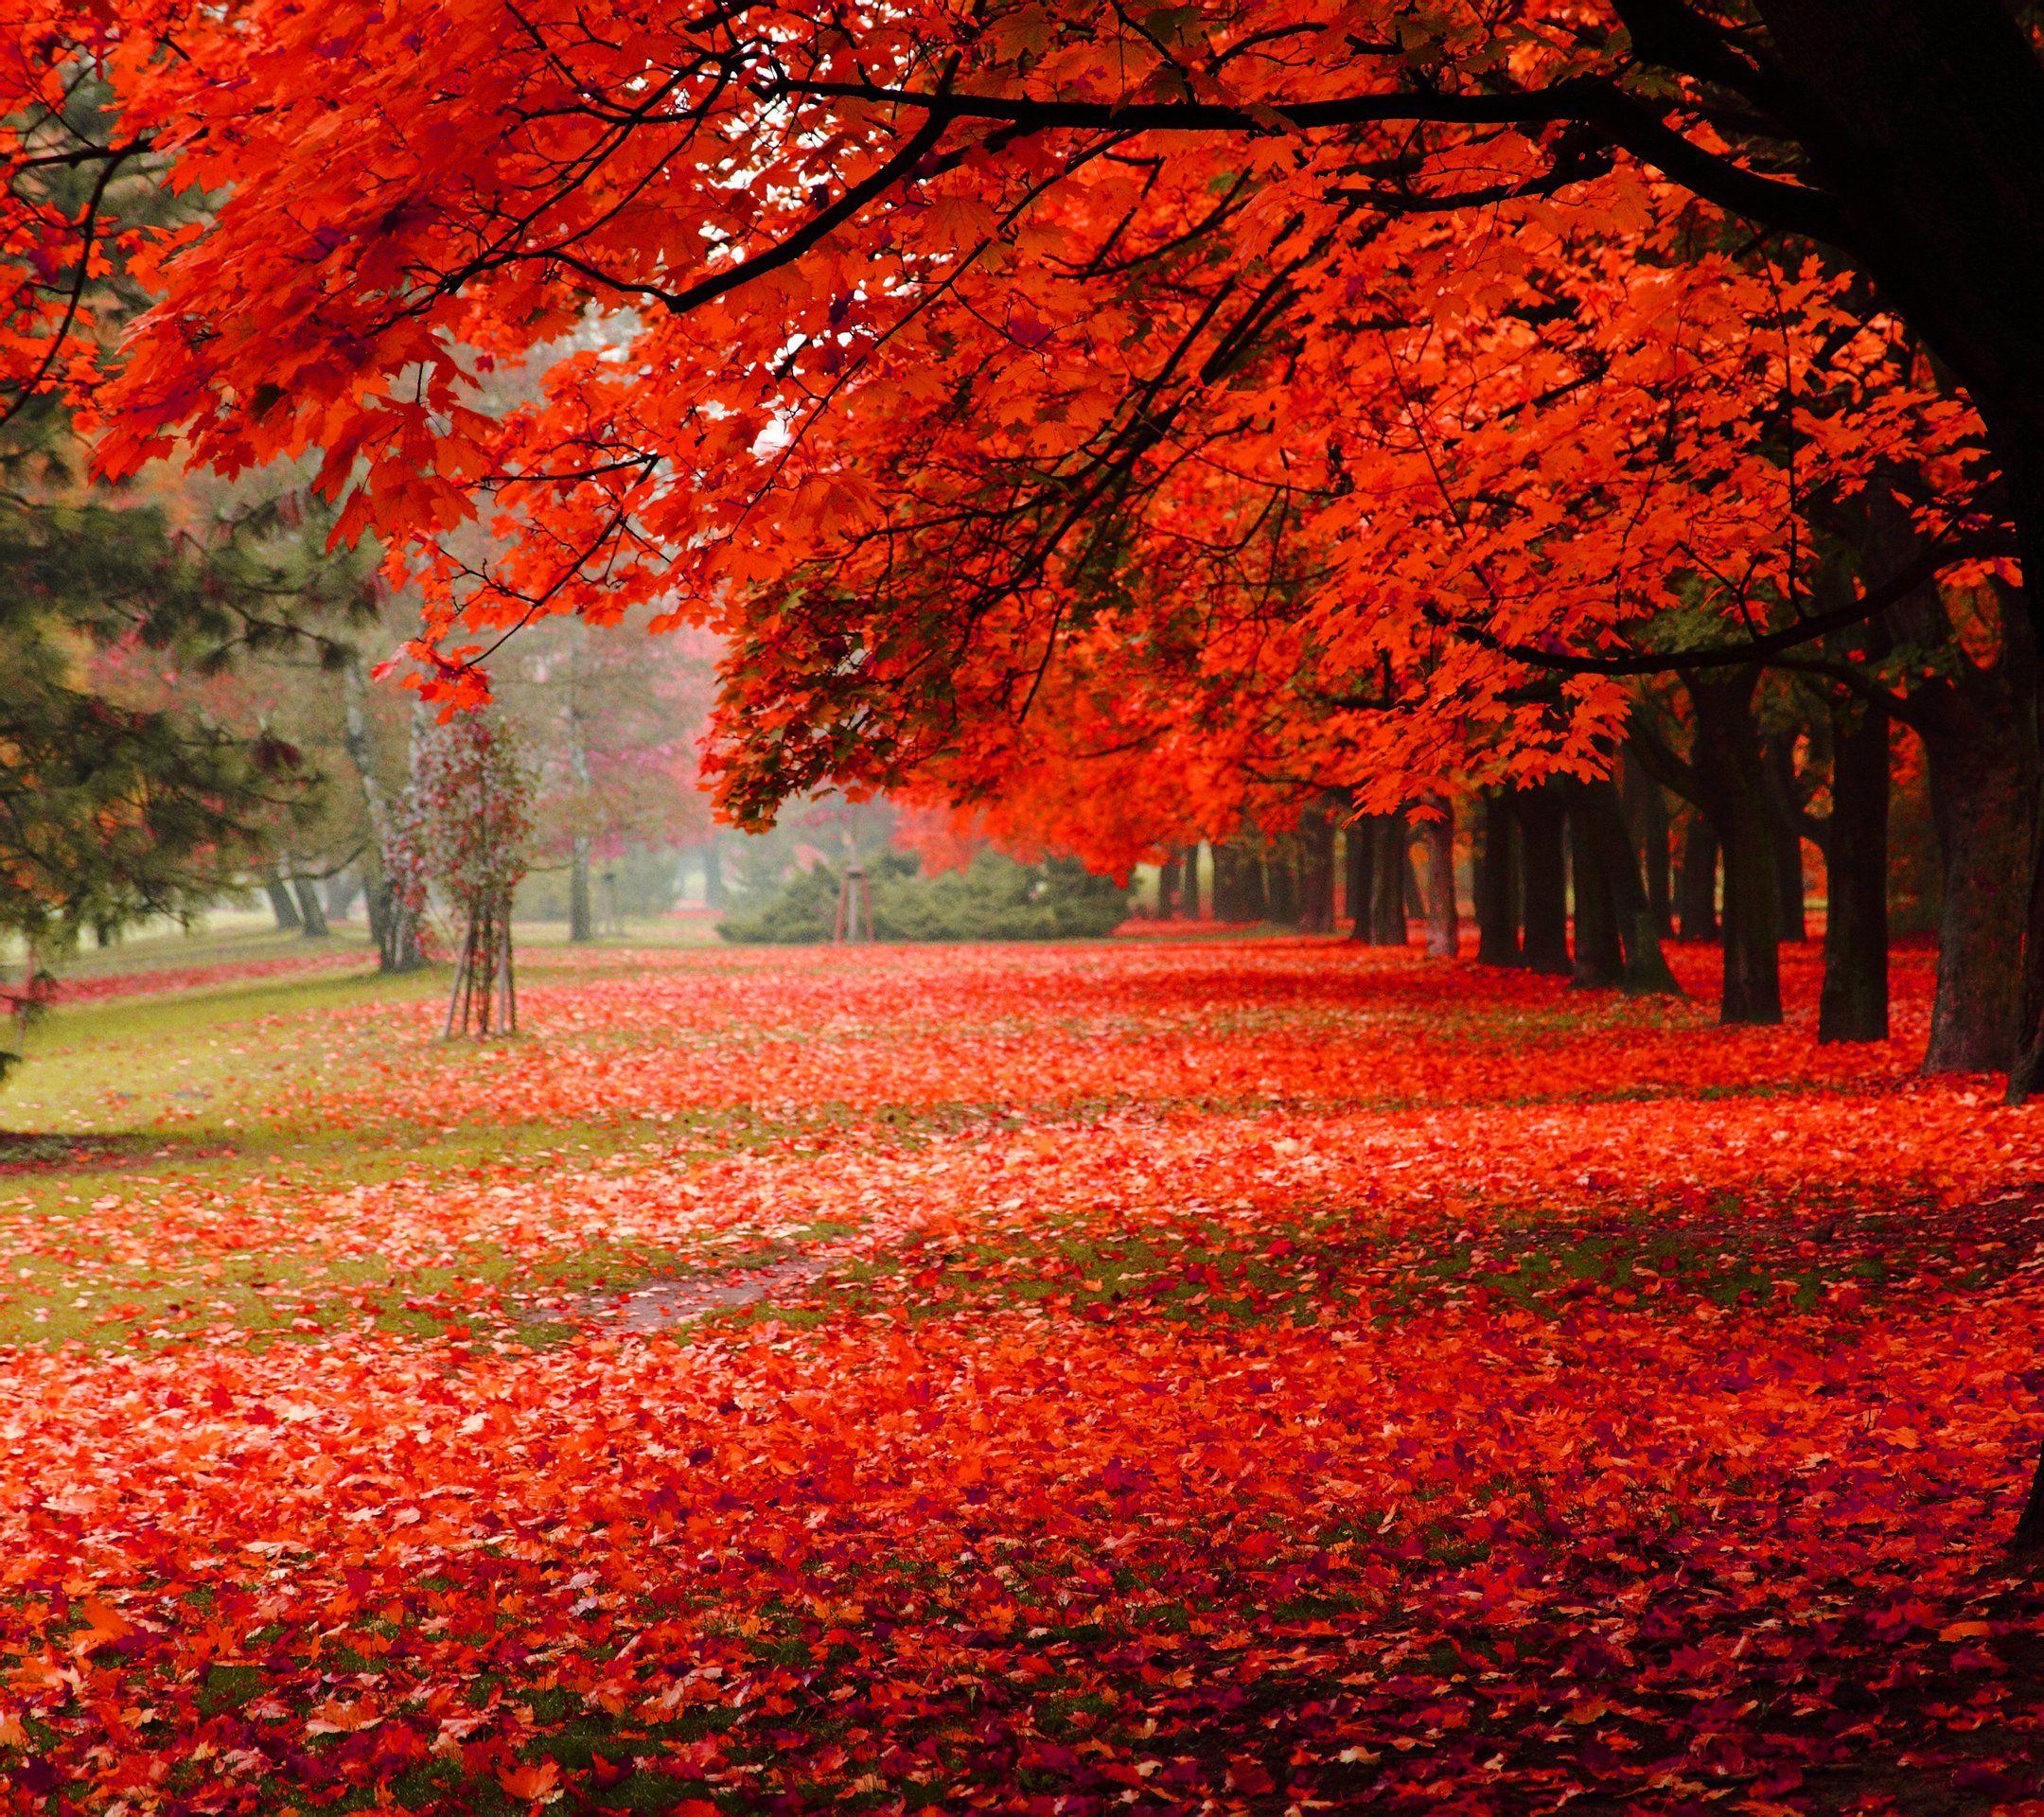 广西红枫树 大红枫价格 红枫树价格 广西红枫树多少钱